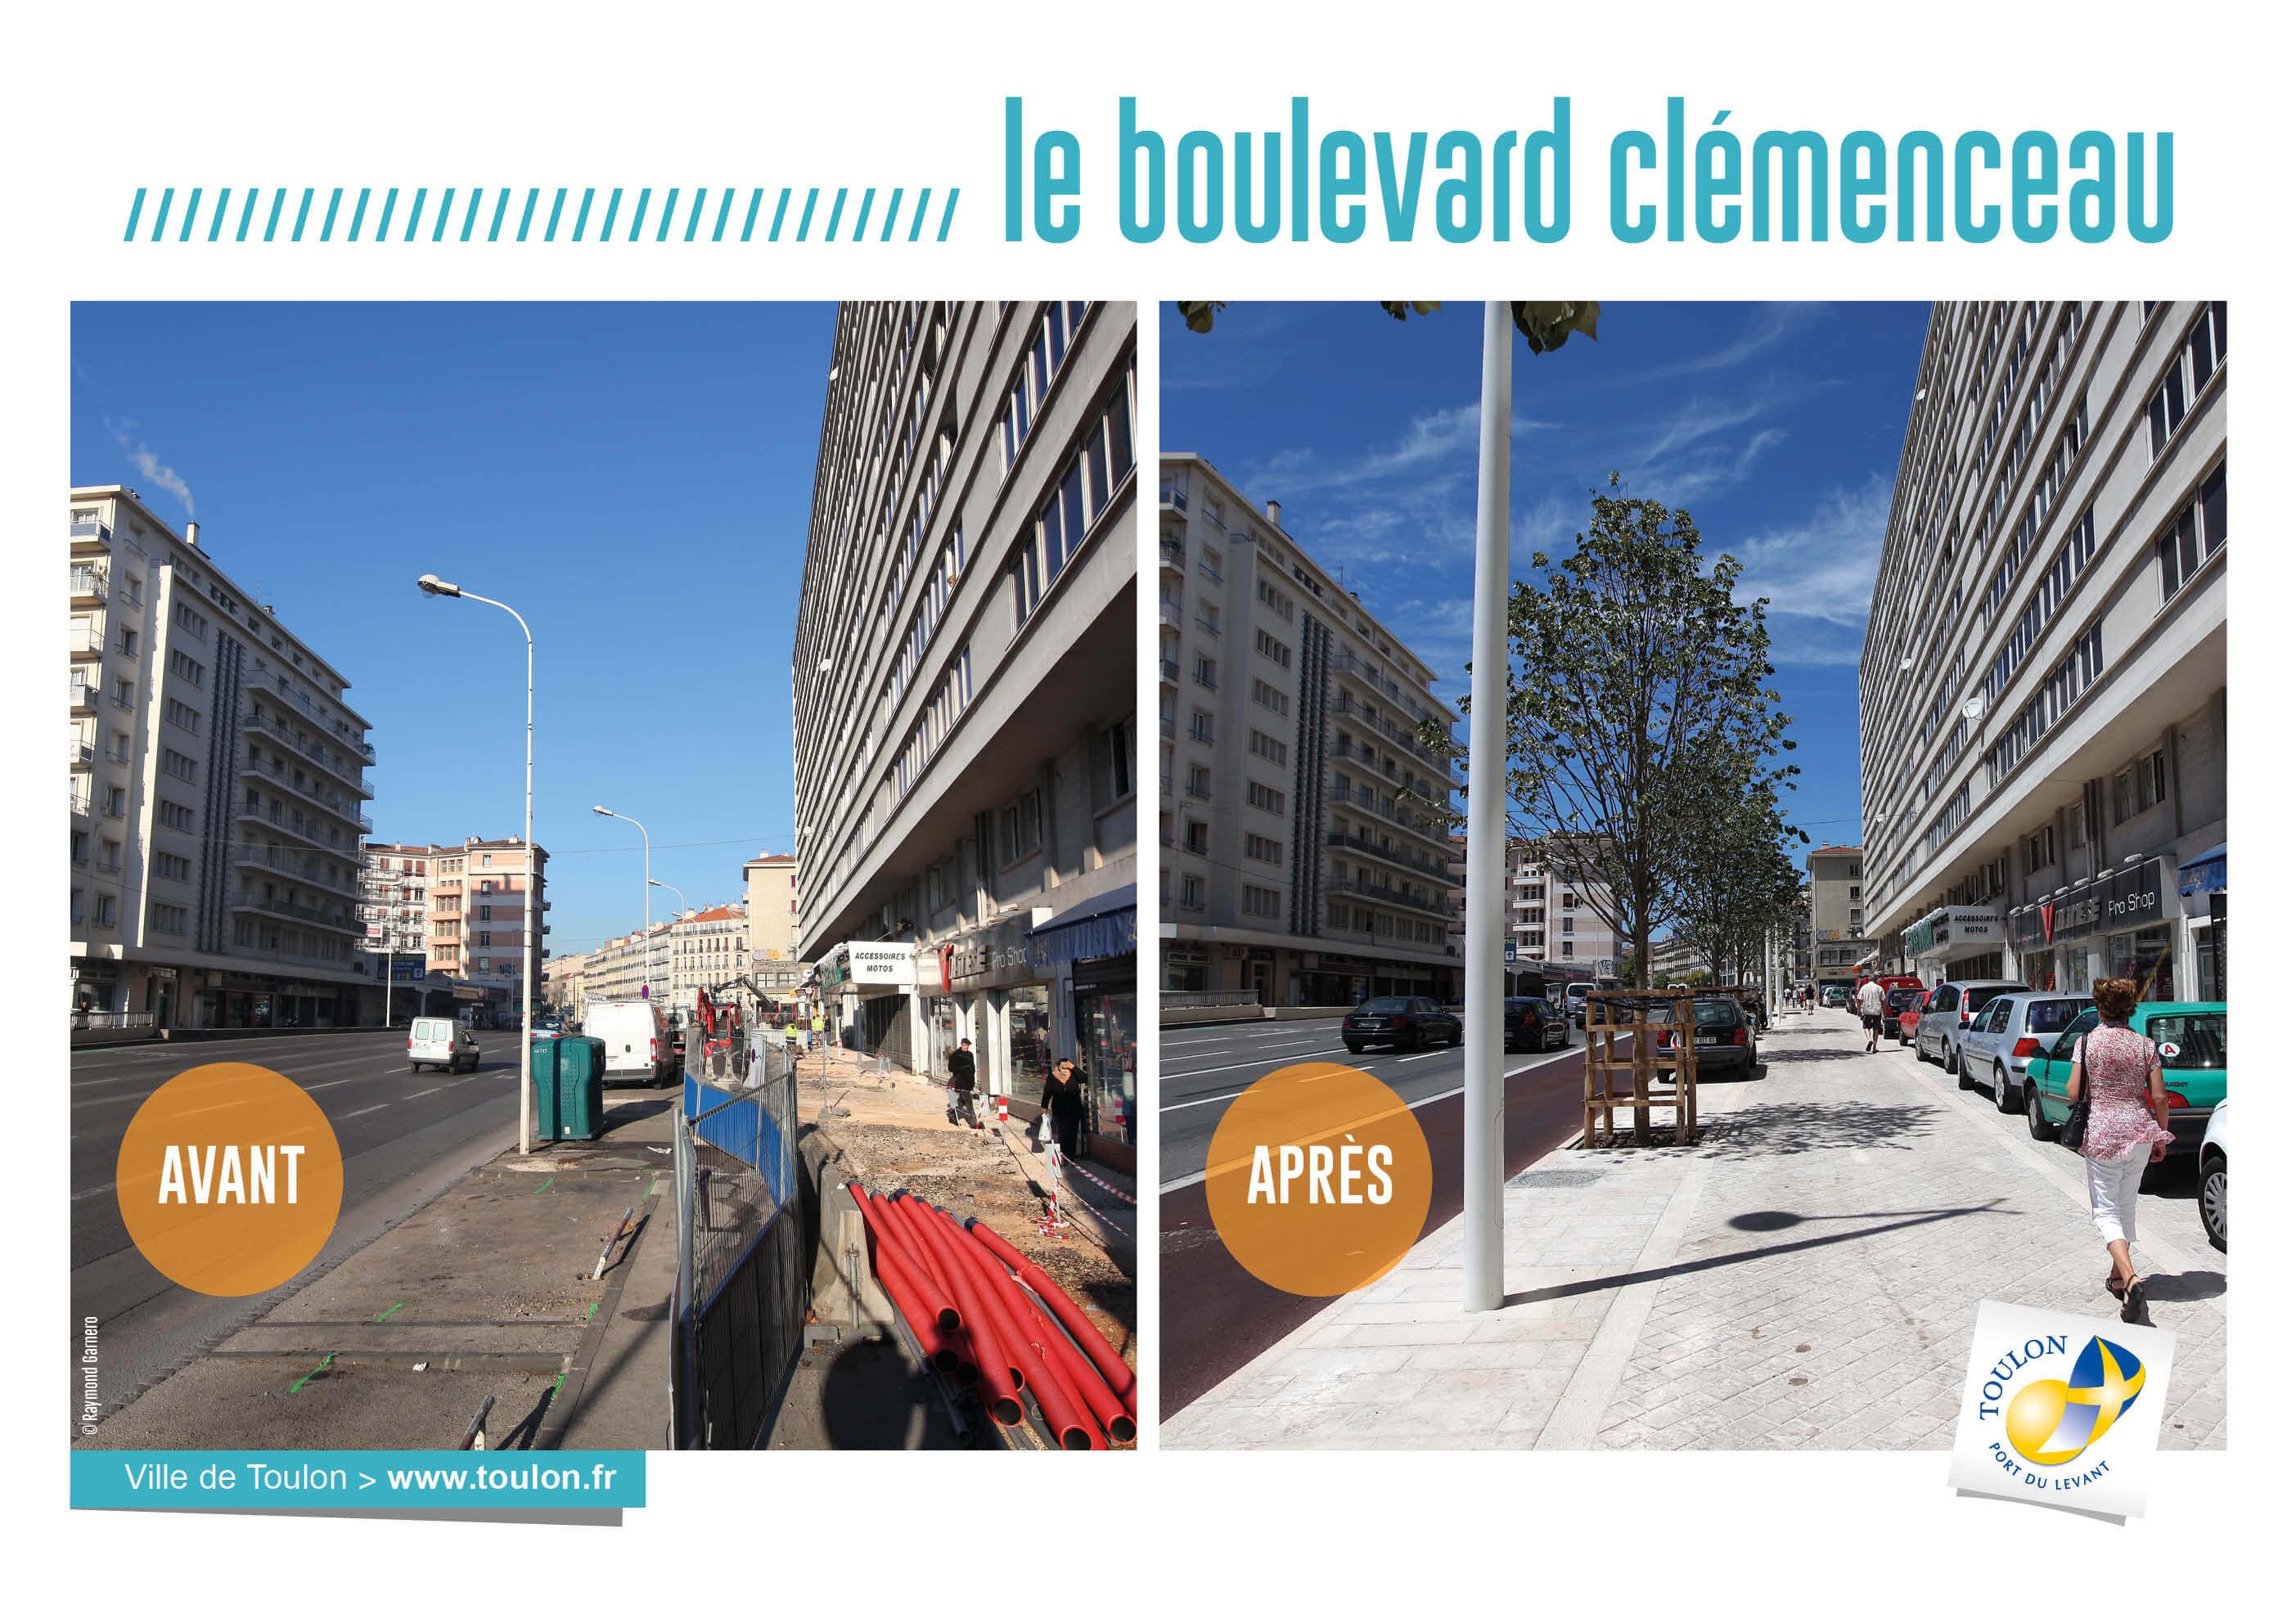 Le boulevard clémenceau